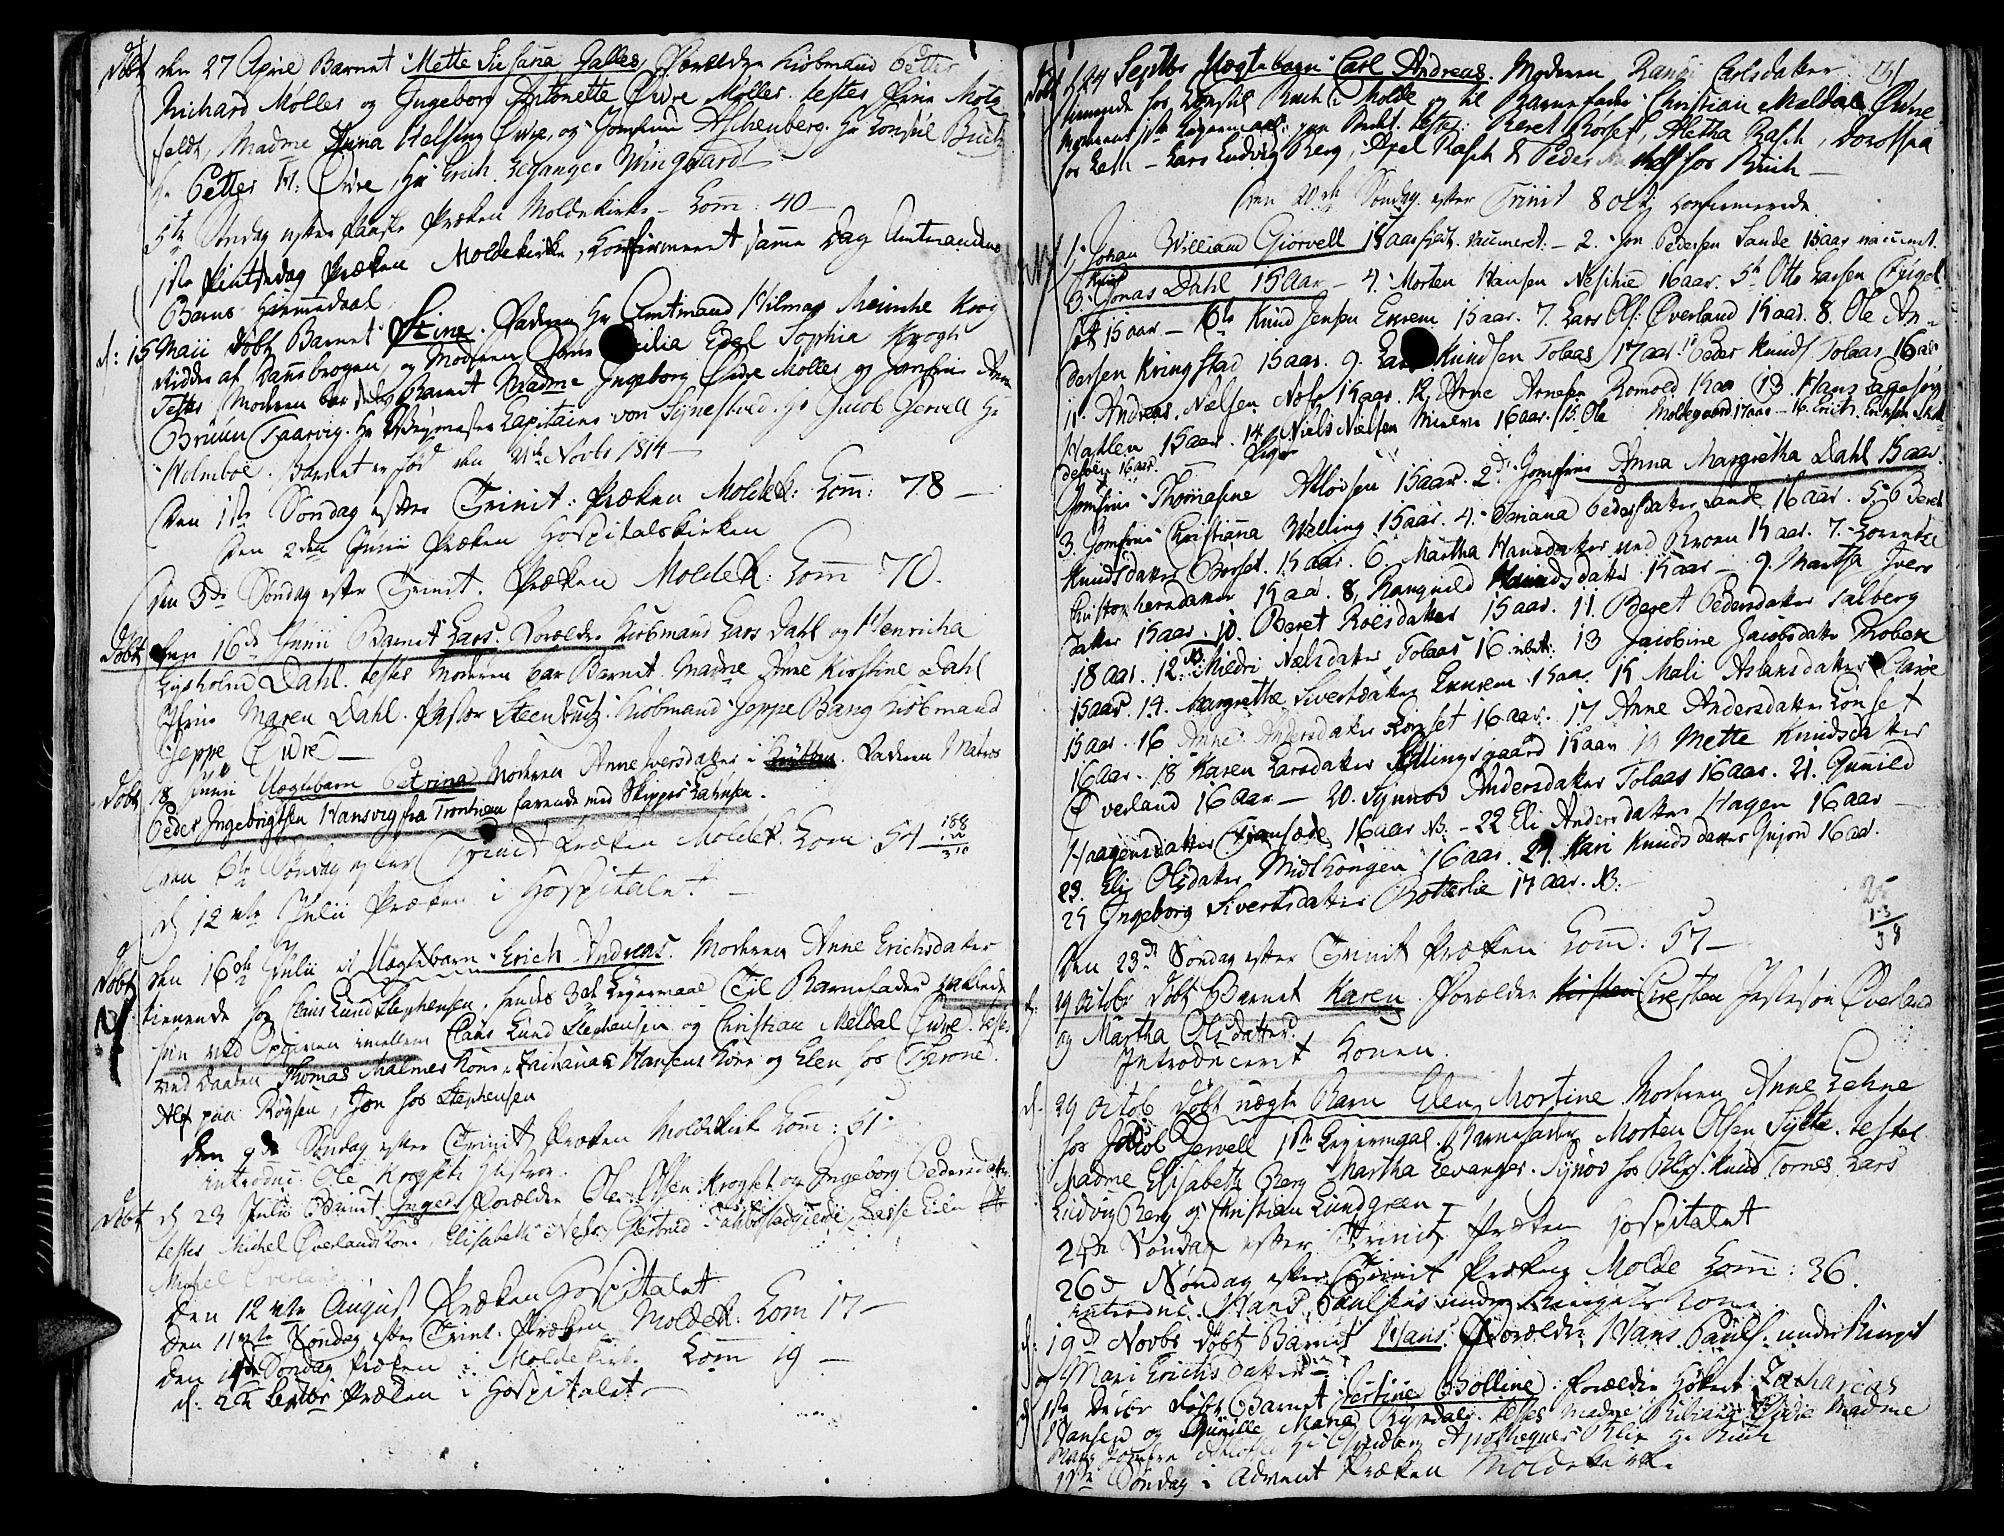 SAT, Ministerialprotokoller, klokkerbøker og fødselsregistre - Møre og Romsdal, 558/L0687: Ministerialbok nr. 558A01, 1798-1818, s. 31